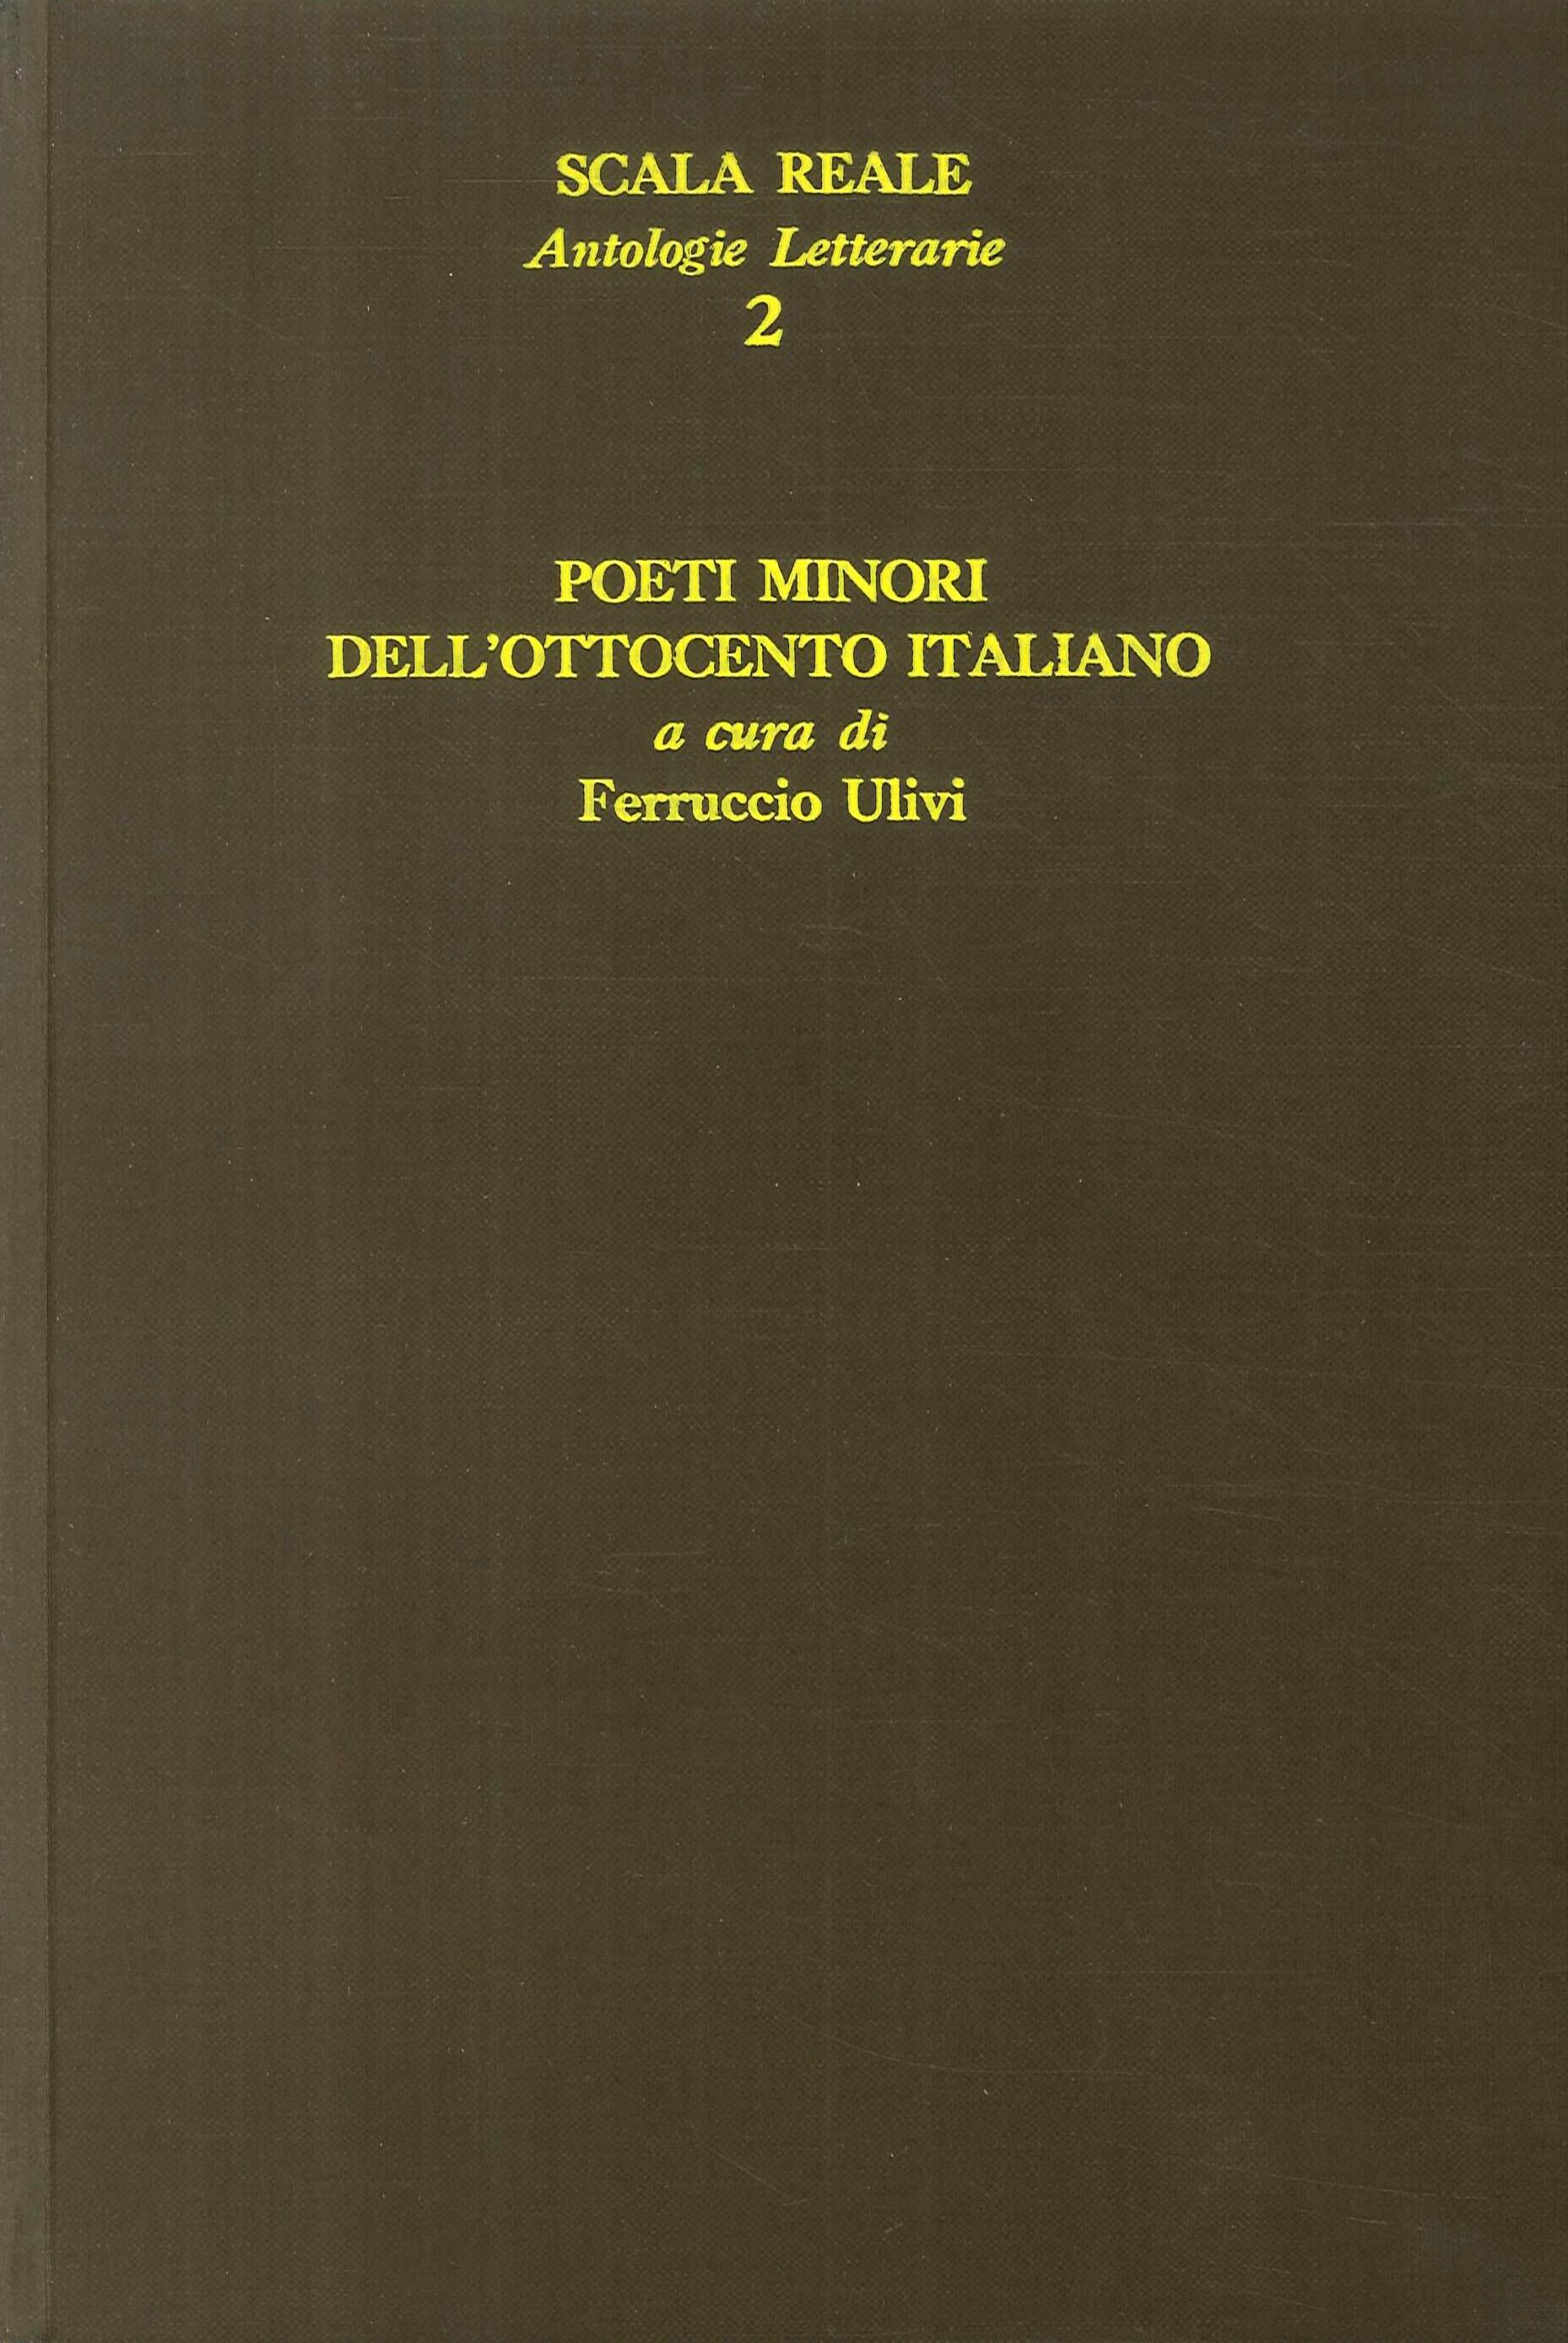 Poeti minori dell'Ottocento italiano.